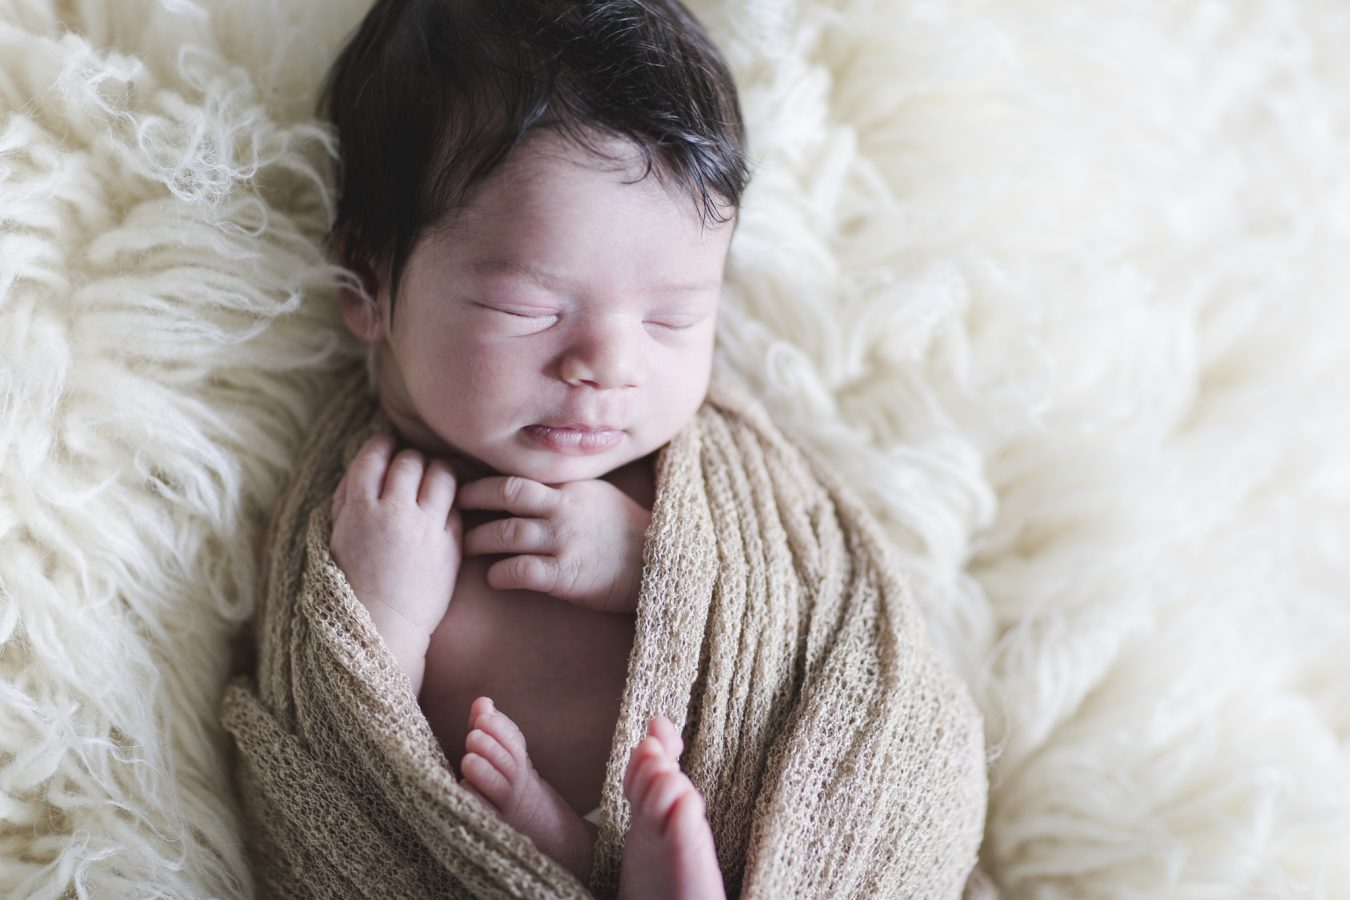 Babyfotograf Hamburg - Baby liegt in ein Tuch gewickelt auf einem Flokati